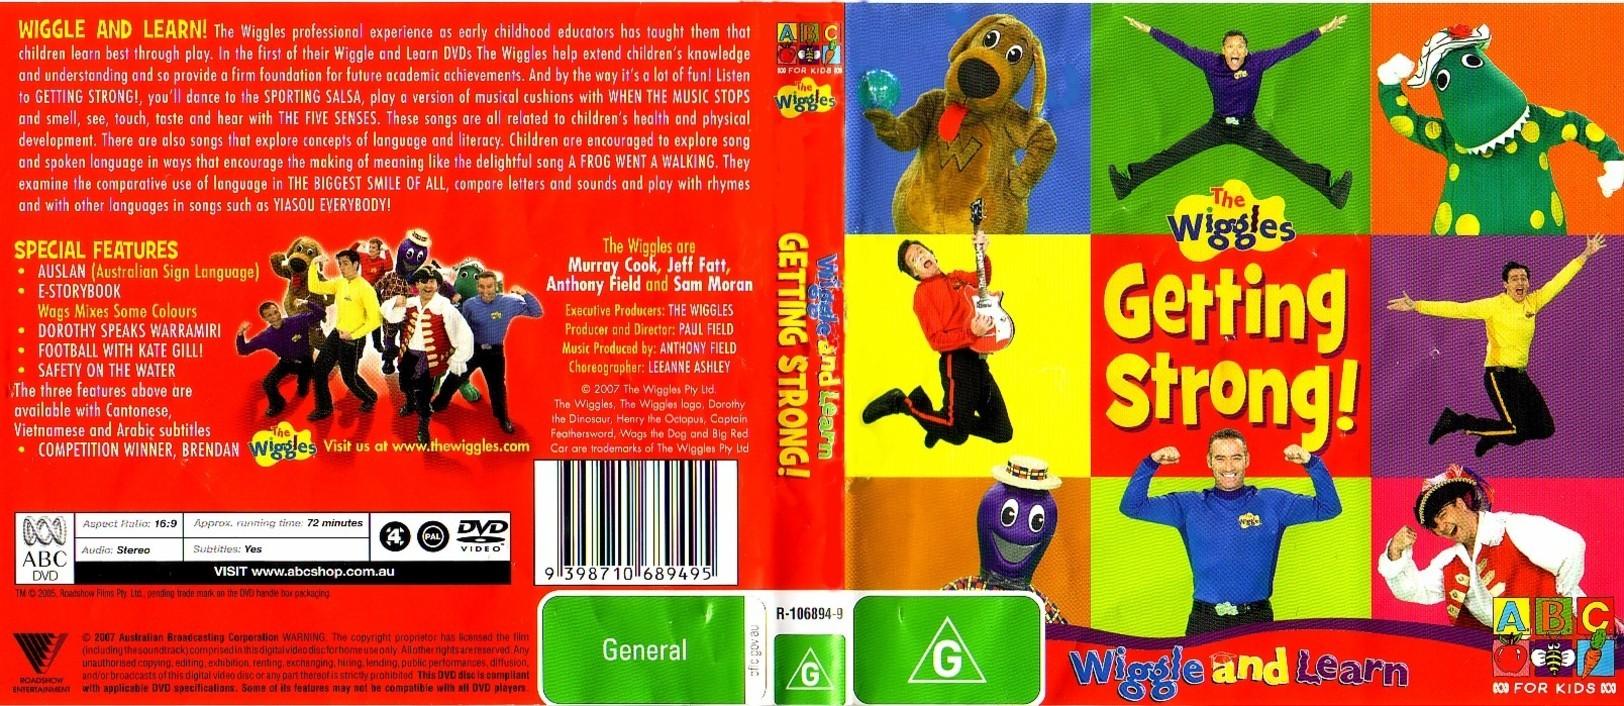 the wiggles dvd - Best Buy